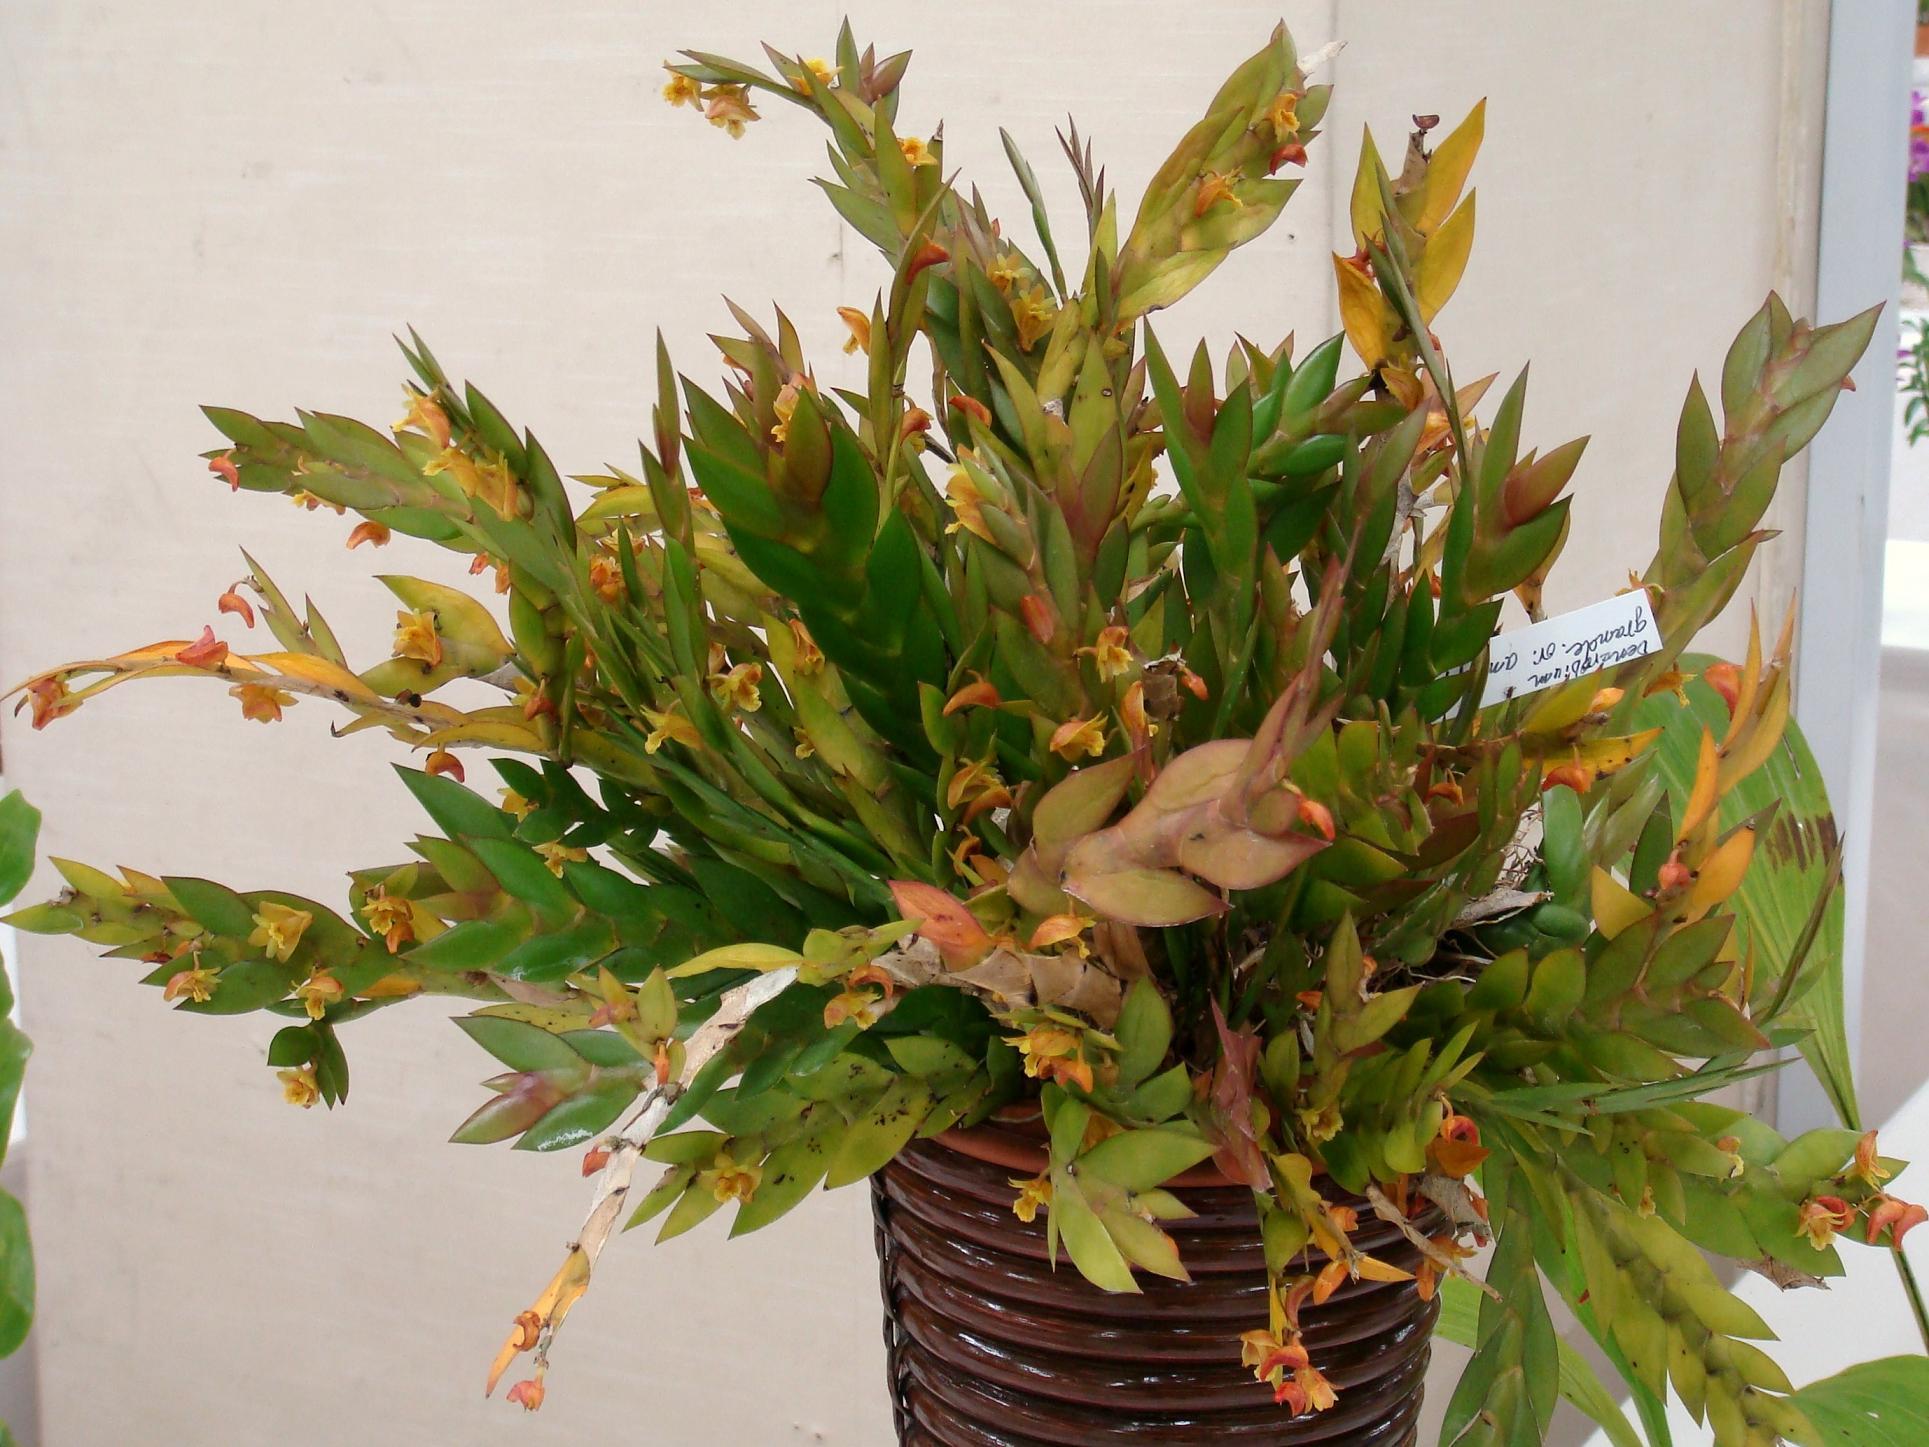 http://orchids.la.coocan.jp/Dendrobium/Dendrobium%20anceps/DSC06618.JPG